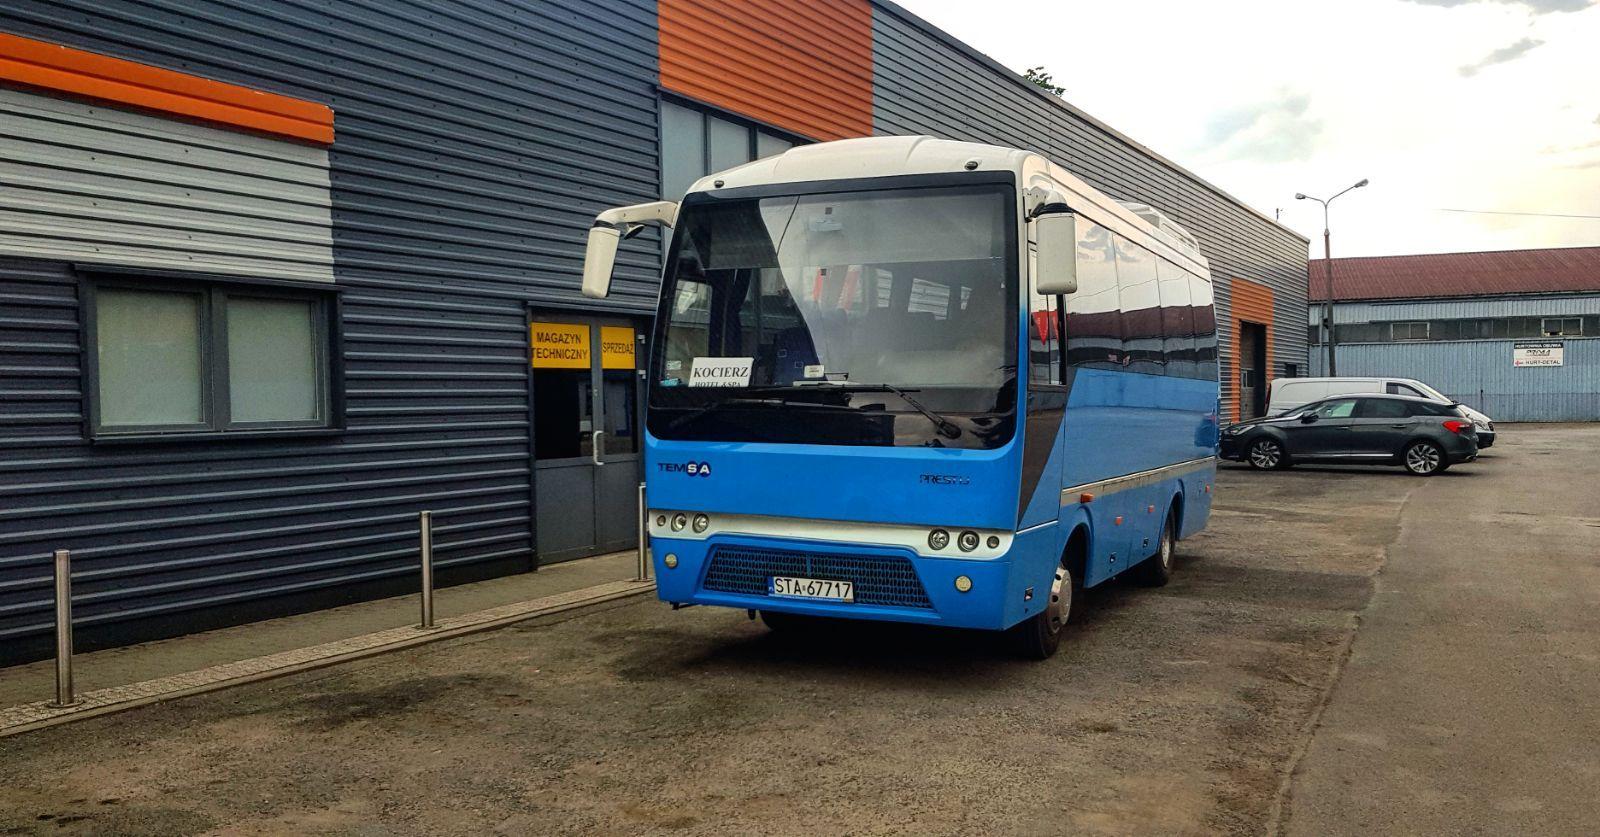 Kiedy autobusy pojadą na Kocierz?